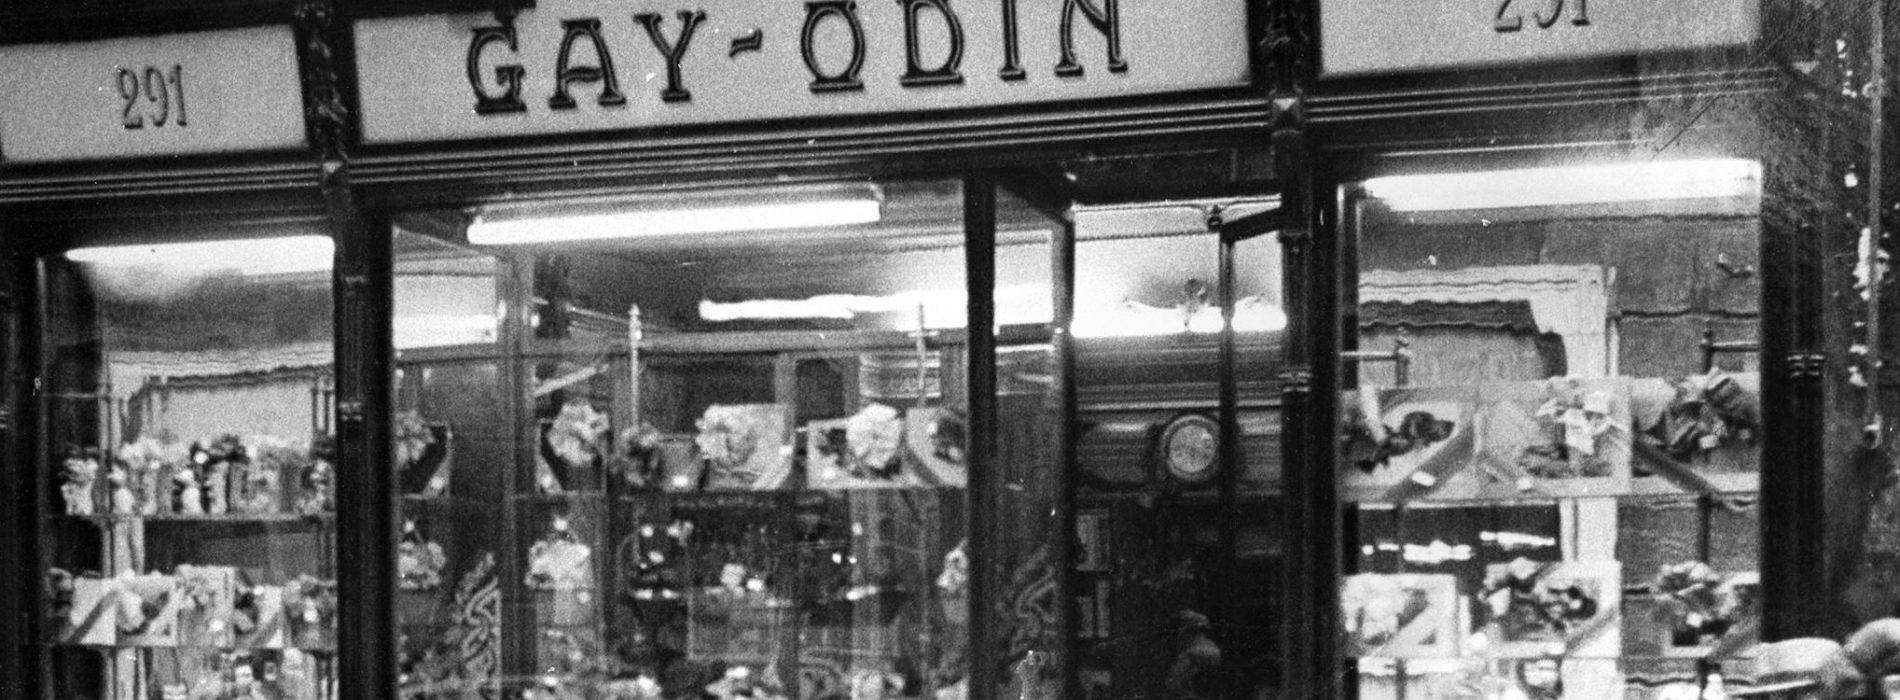 Gay Odin: storia di un cioccolatiere piemontese emigrato a Napoli